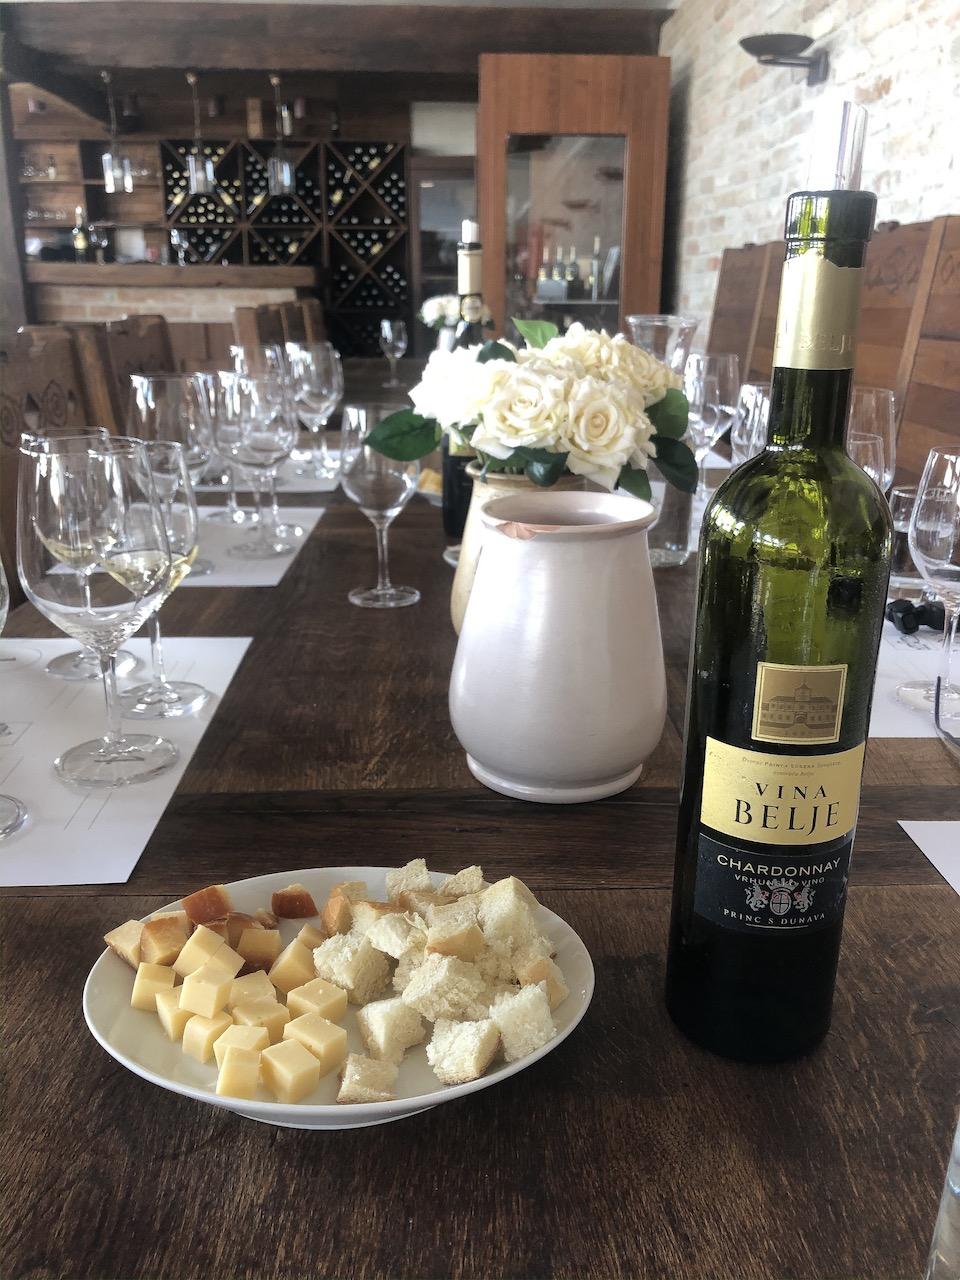 Slavonië Kroatië, op vakantie in Kroatie, balkan reizen, Vidikovac Vina Belje